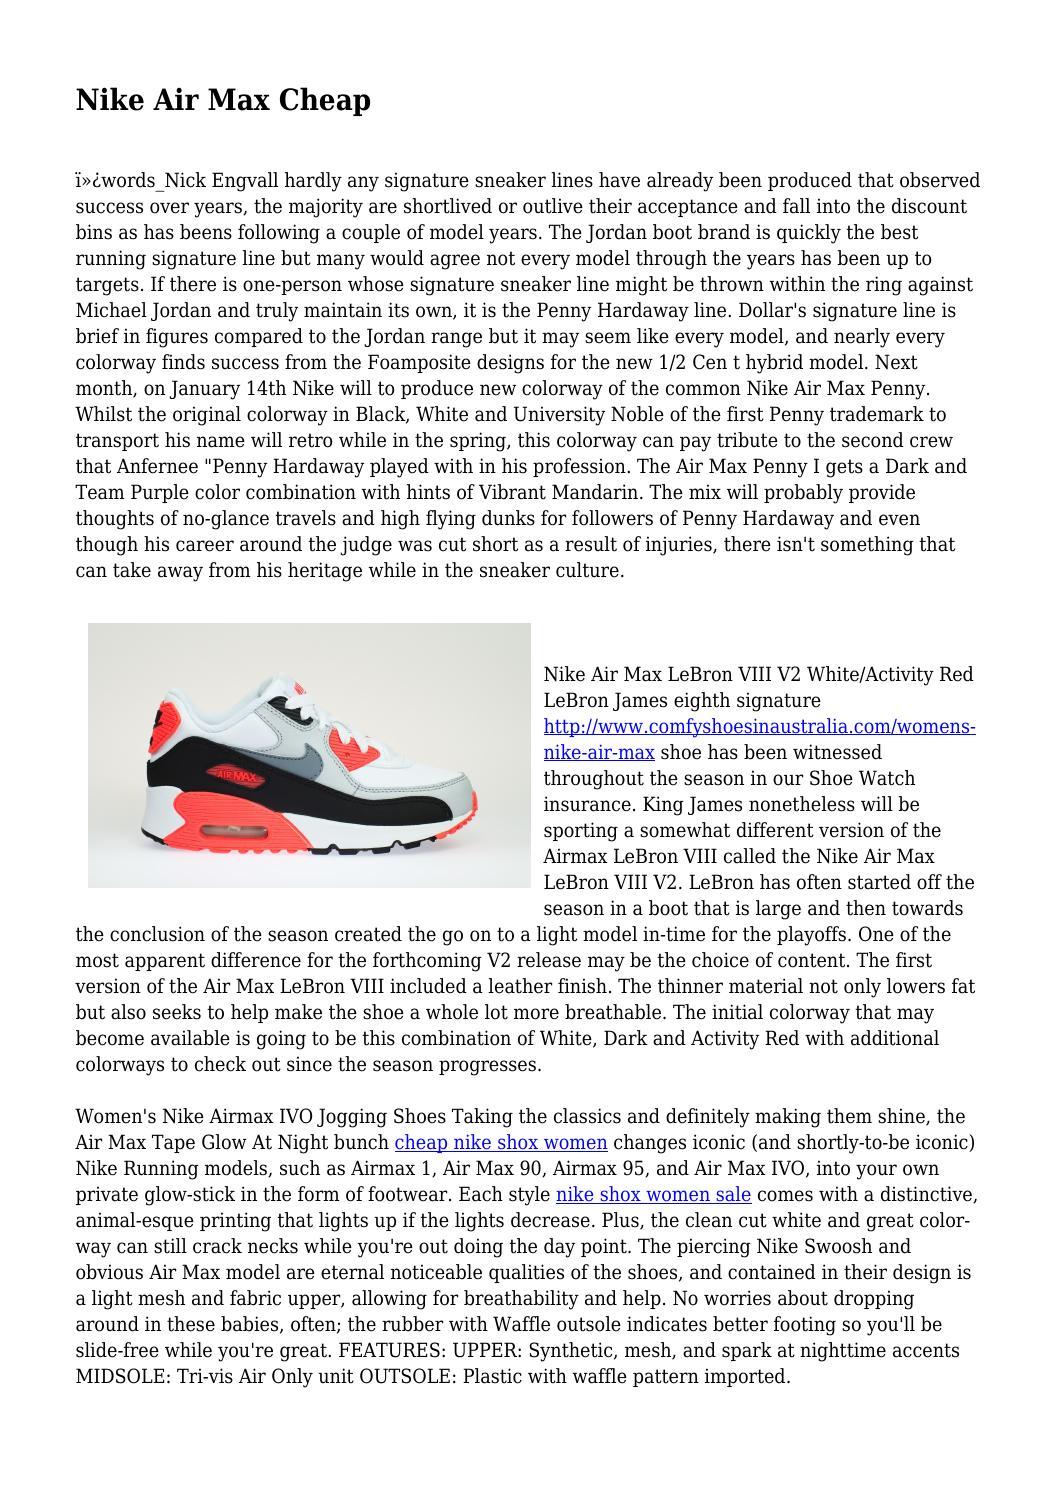 Nike Shox Cheap by snobbishbeast4367 issuu